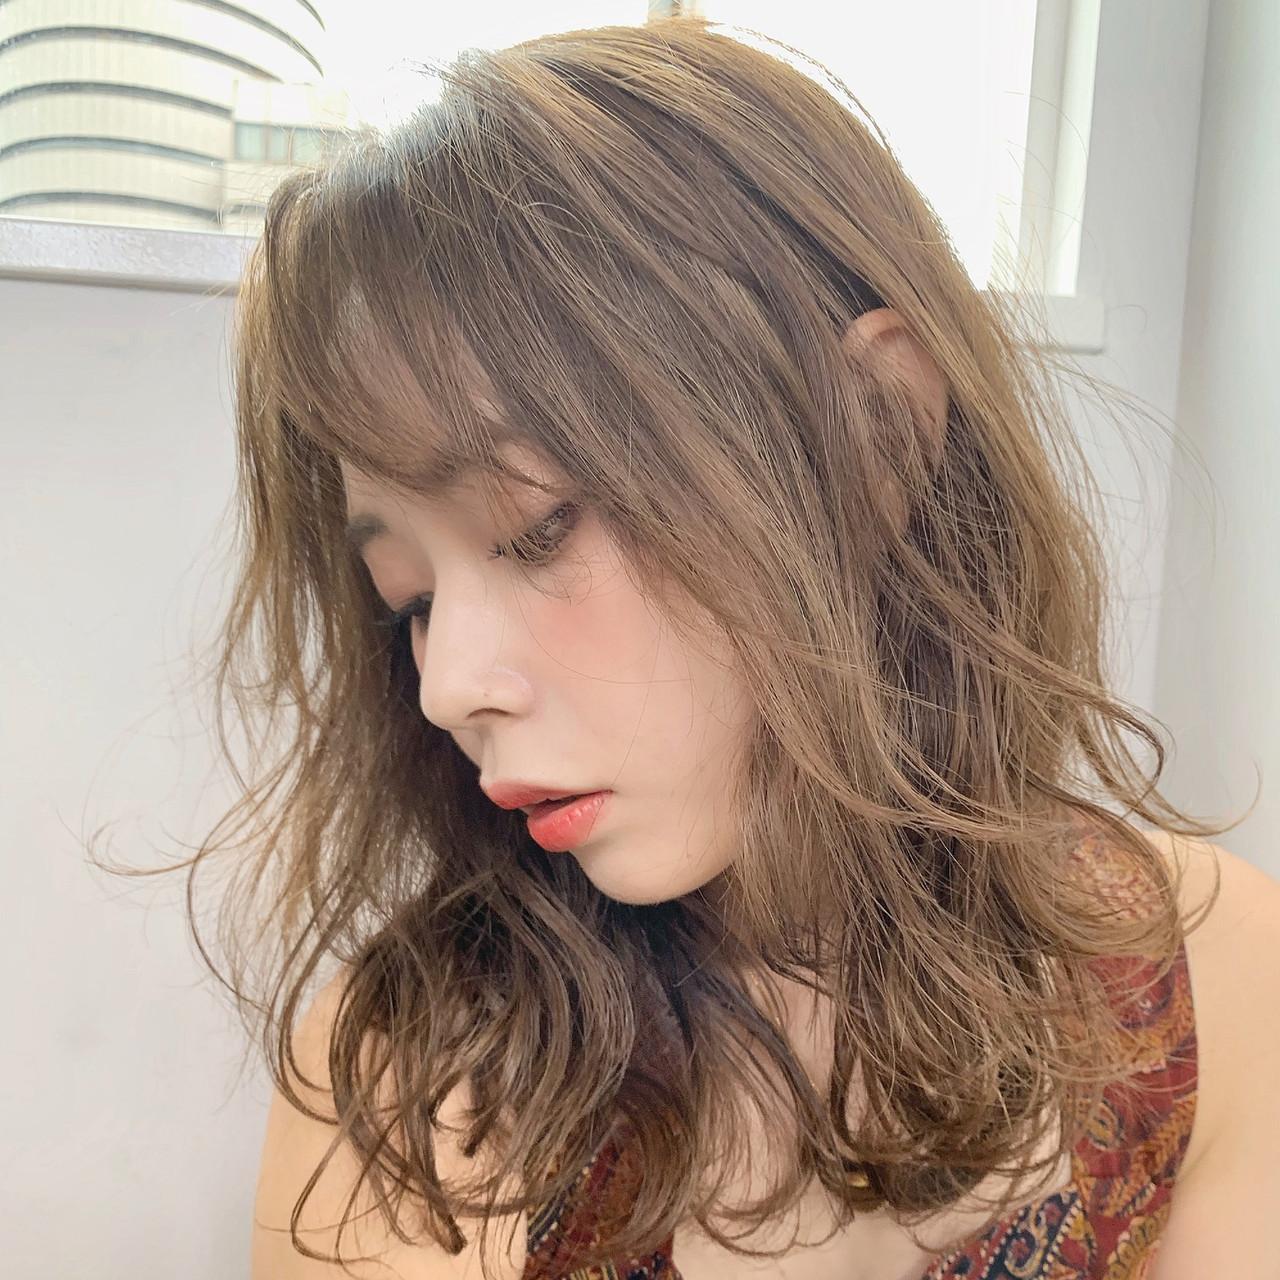 シアーベージュ フェミニン 秋ブラウン ナチュラルブラウンカラー ヘアスタイルや髪型の写真・画像